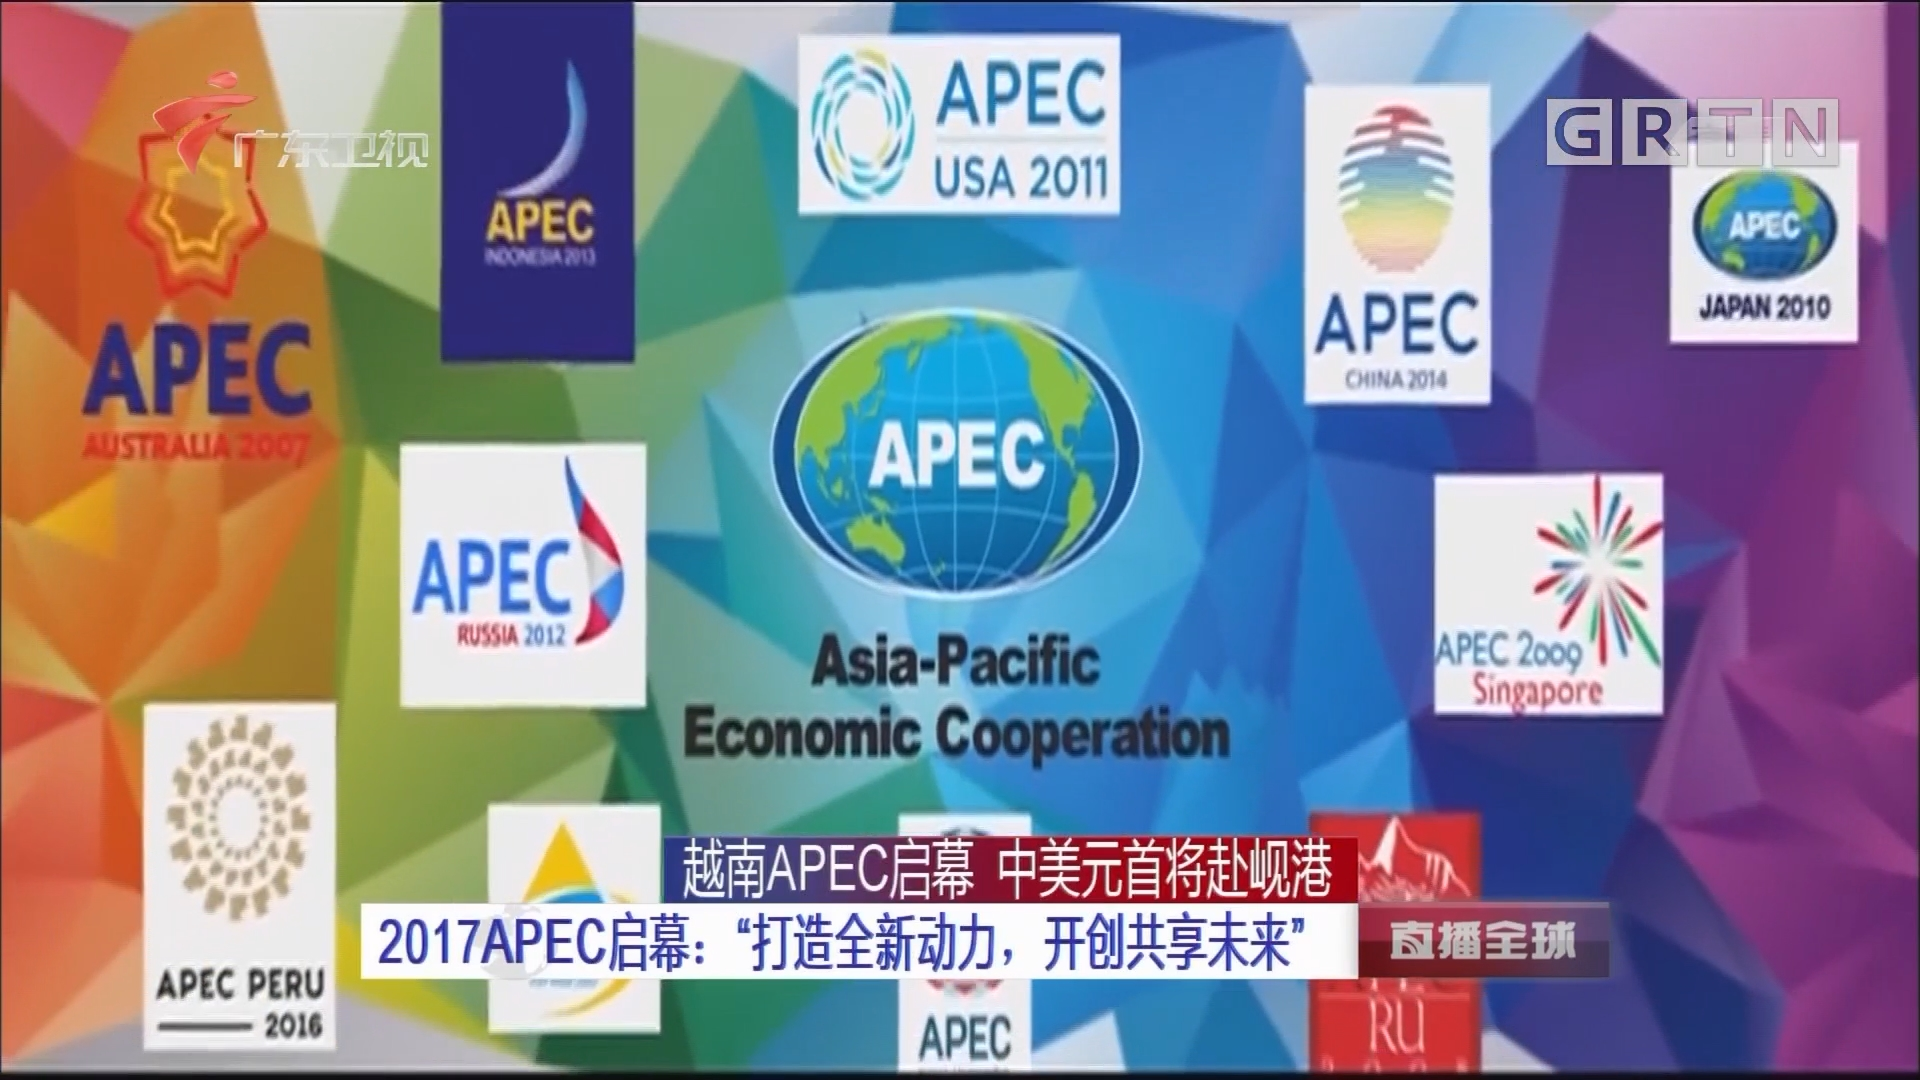 """越南APEC启幕 中美元首将赴岘港 2017APEC启幕:""""打造全新动力,开创共享未来"""""""